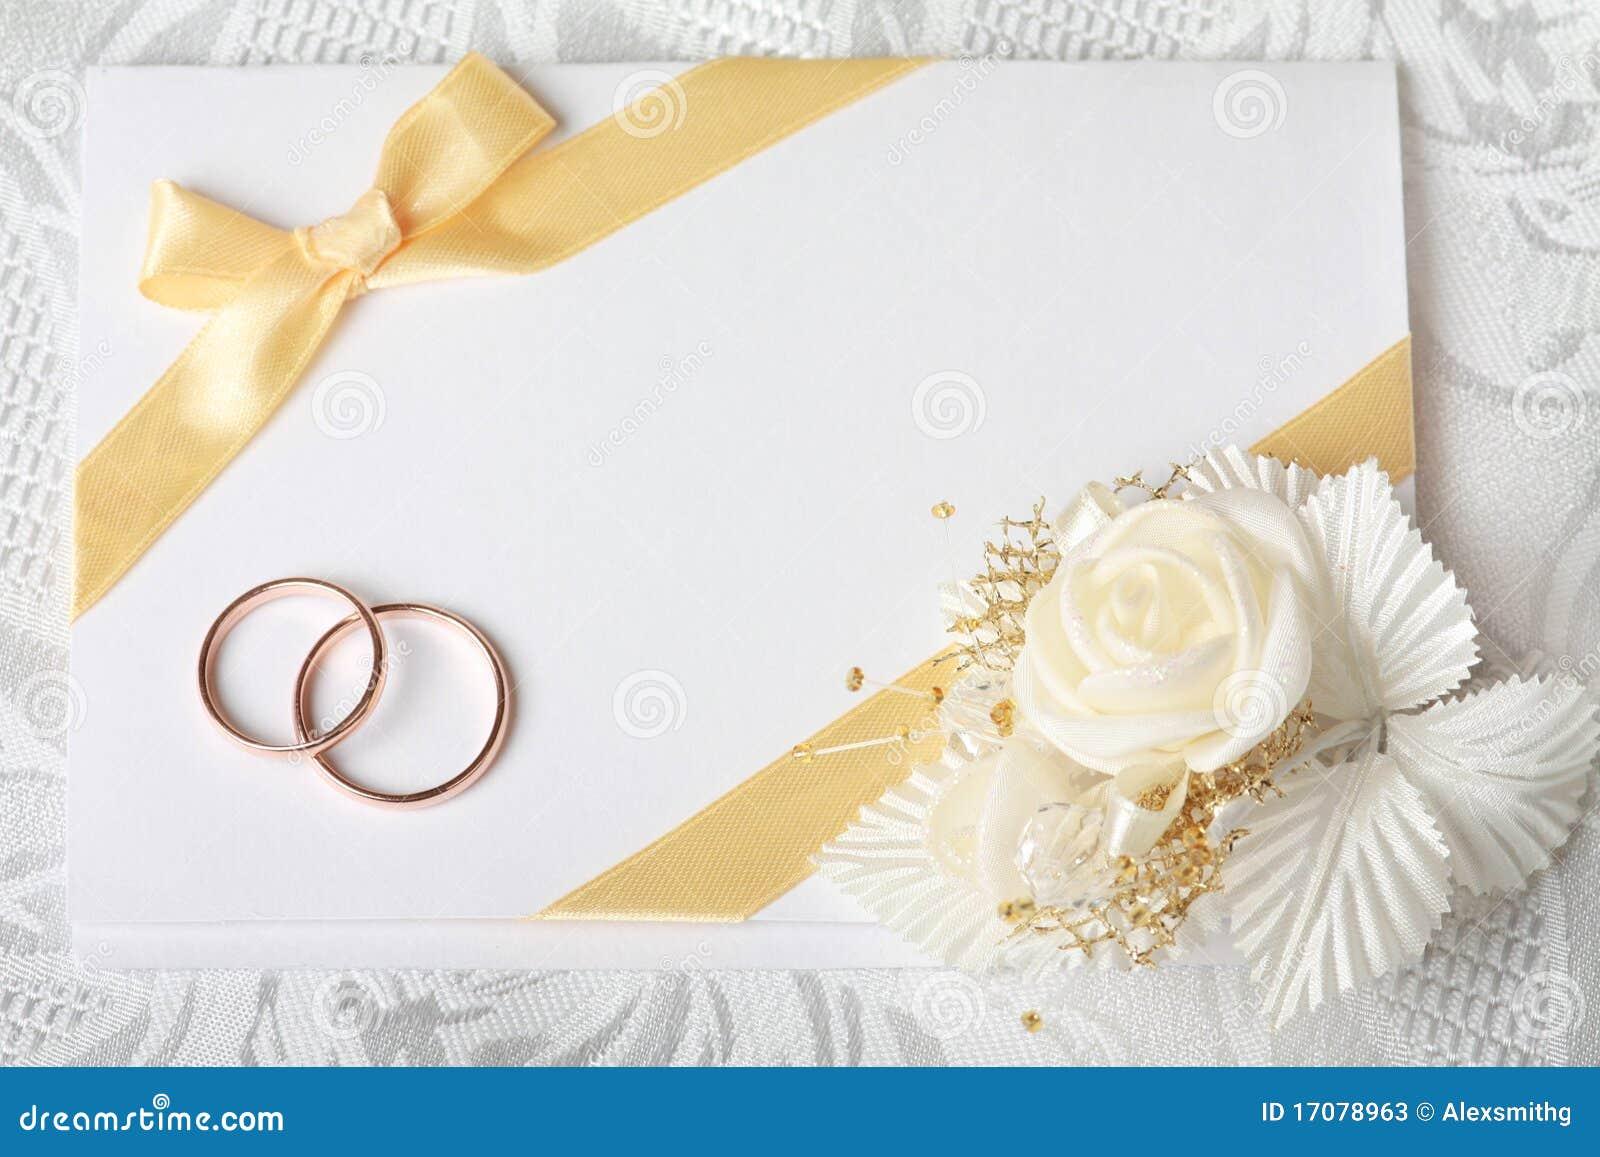 Tarjeta de la invitaci n de la boda fotos de archivo - Disenos tarjetas de boda ...